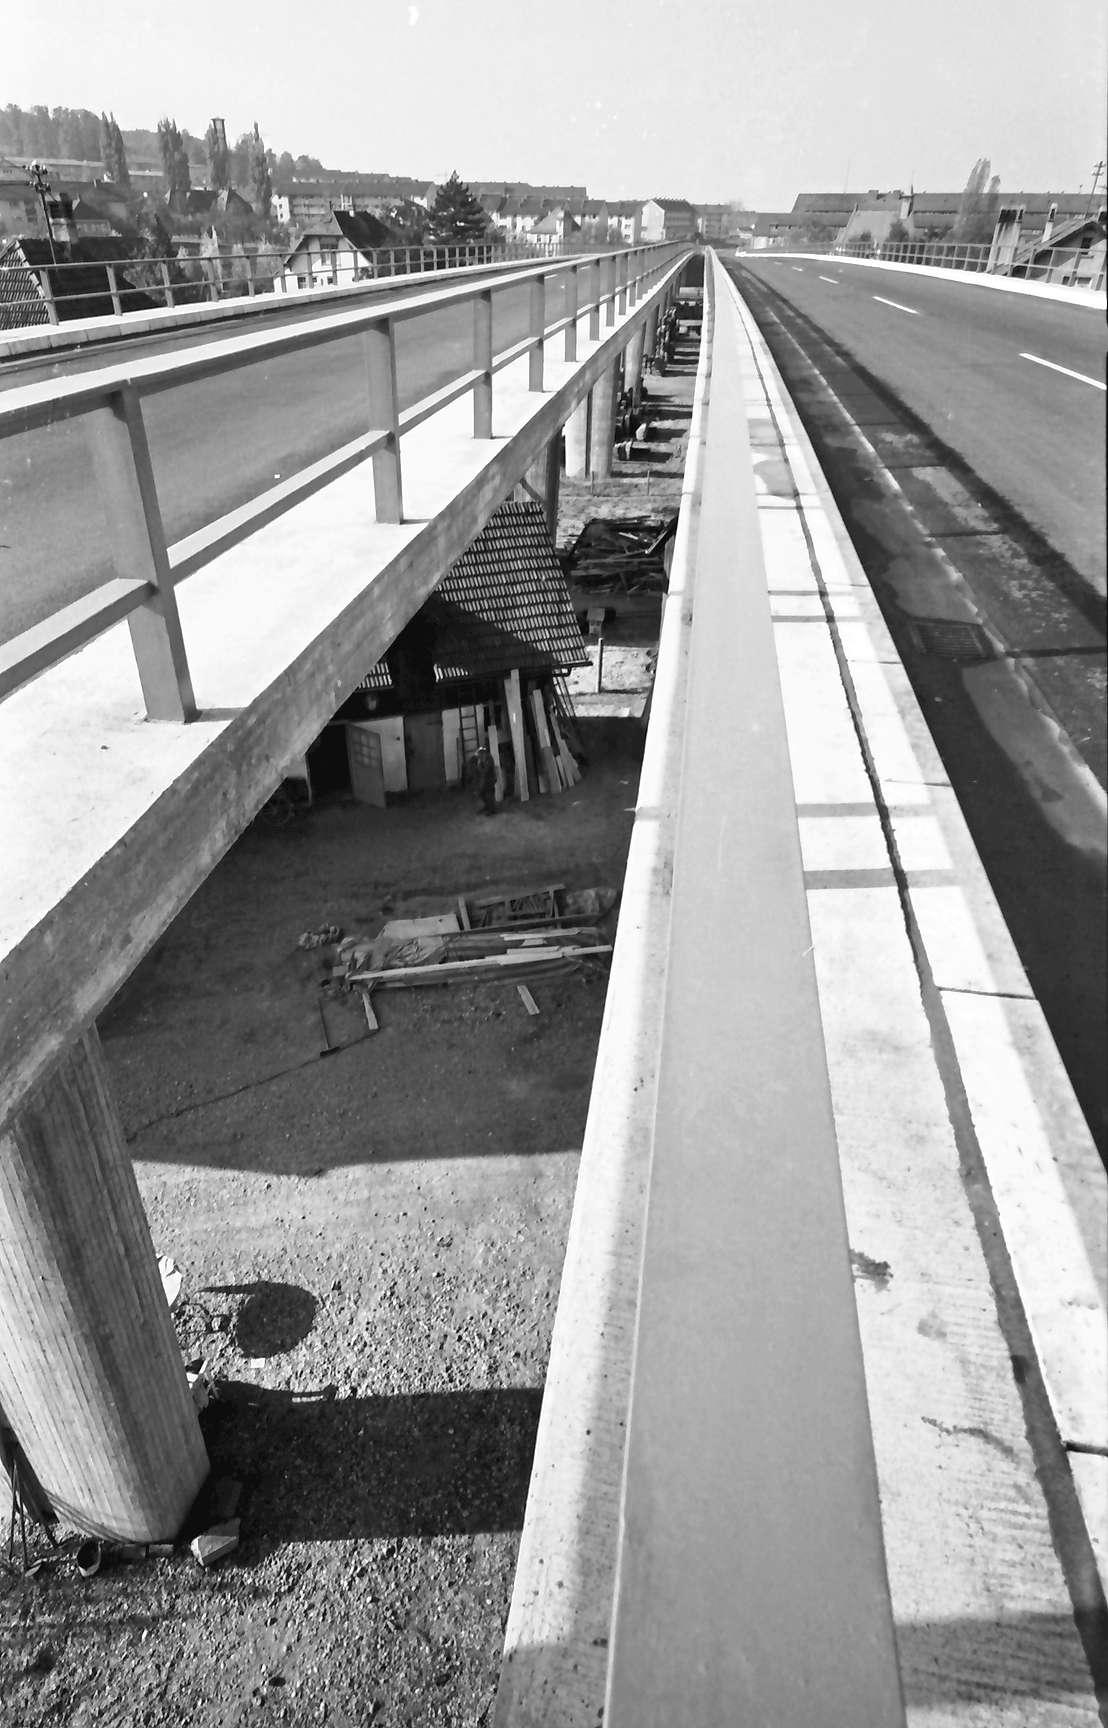 Baden-Oos: Autobahnzubringerrampe; Spalt zwischen den Fahrbahnen (von oben), Bild 1